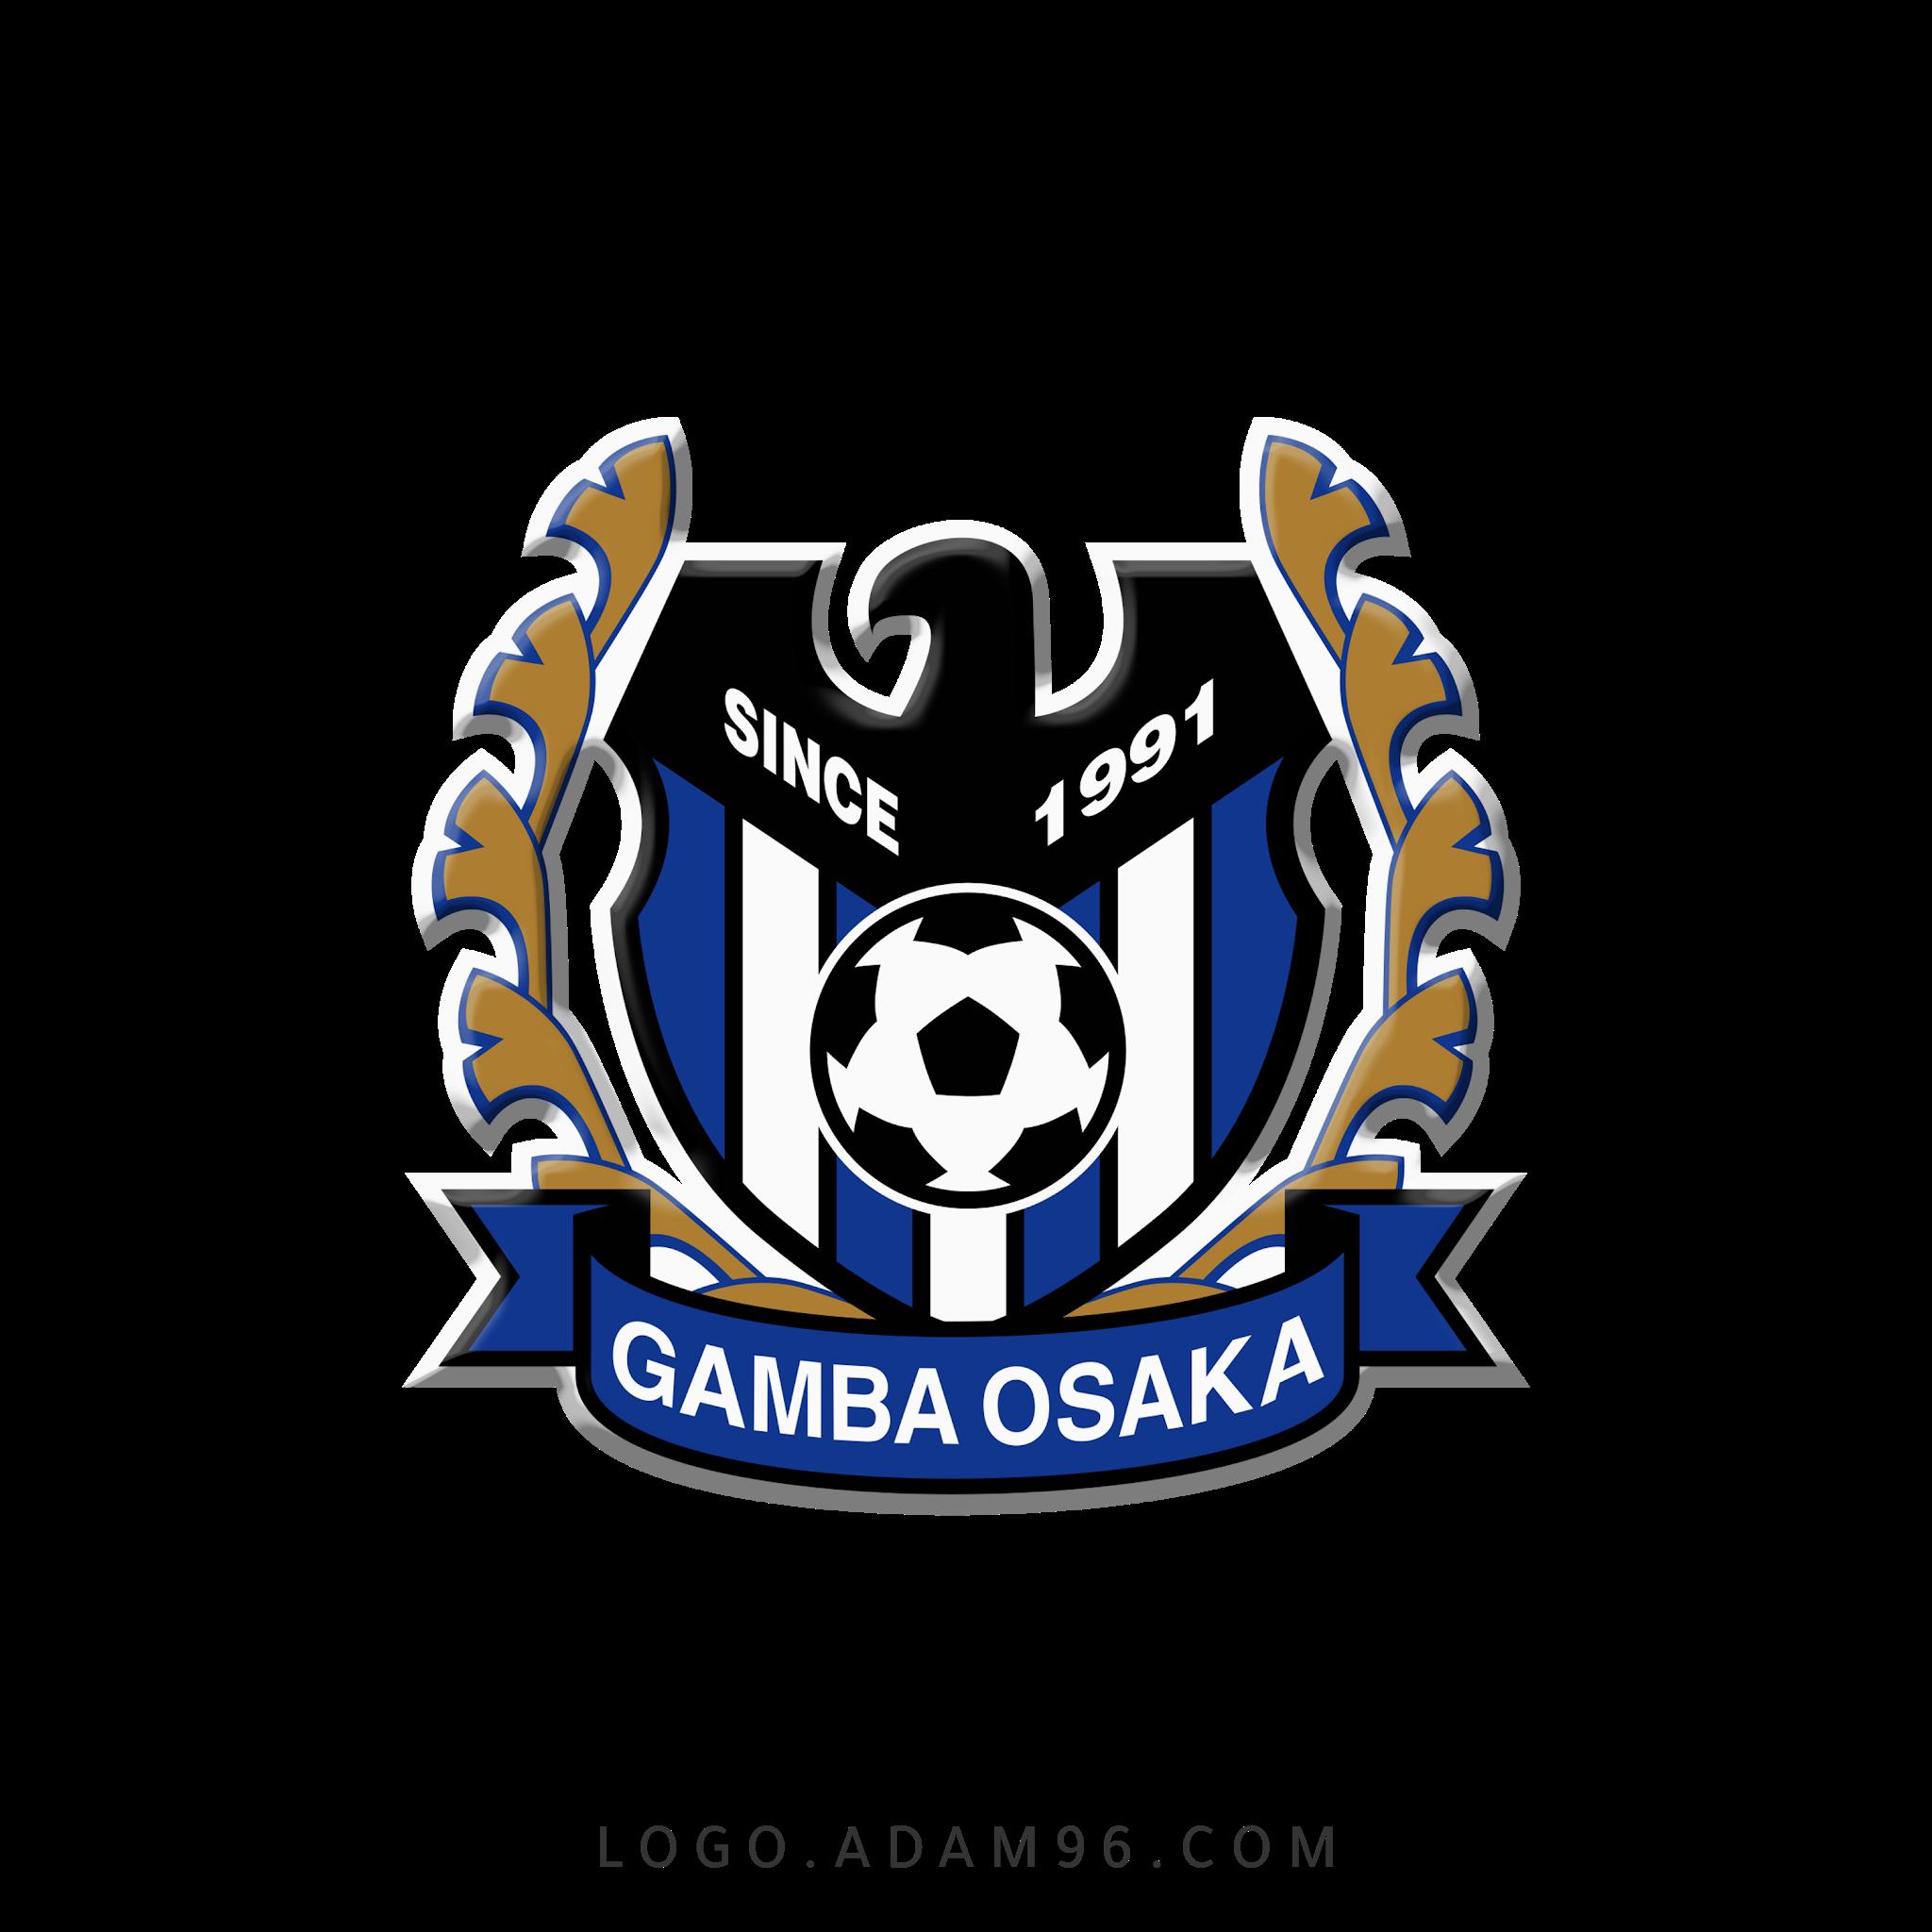 تحميل شعار نادي غامبا أوساكا لوجو شفاف Logo Gamba Osaka PNG